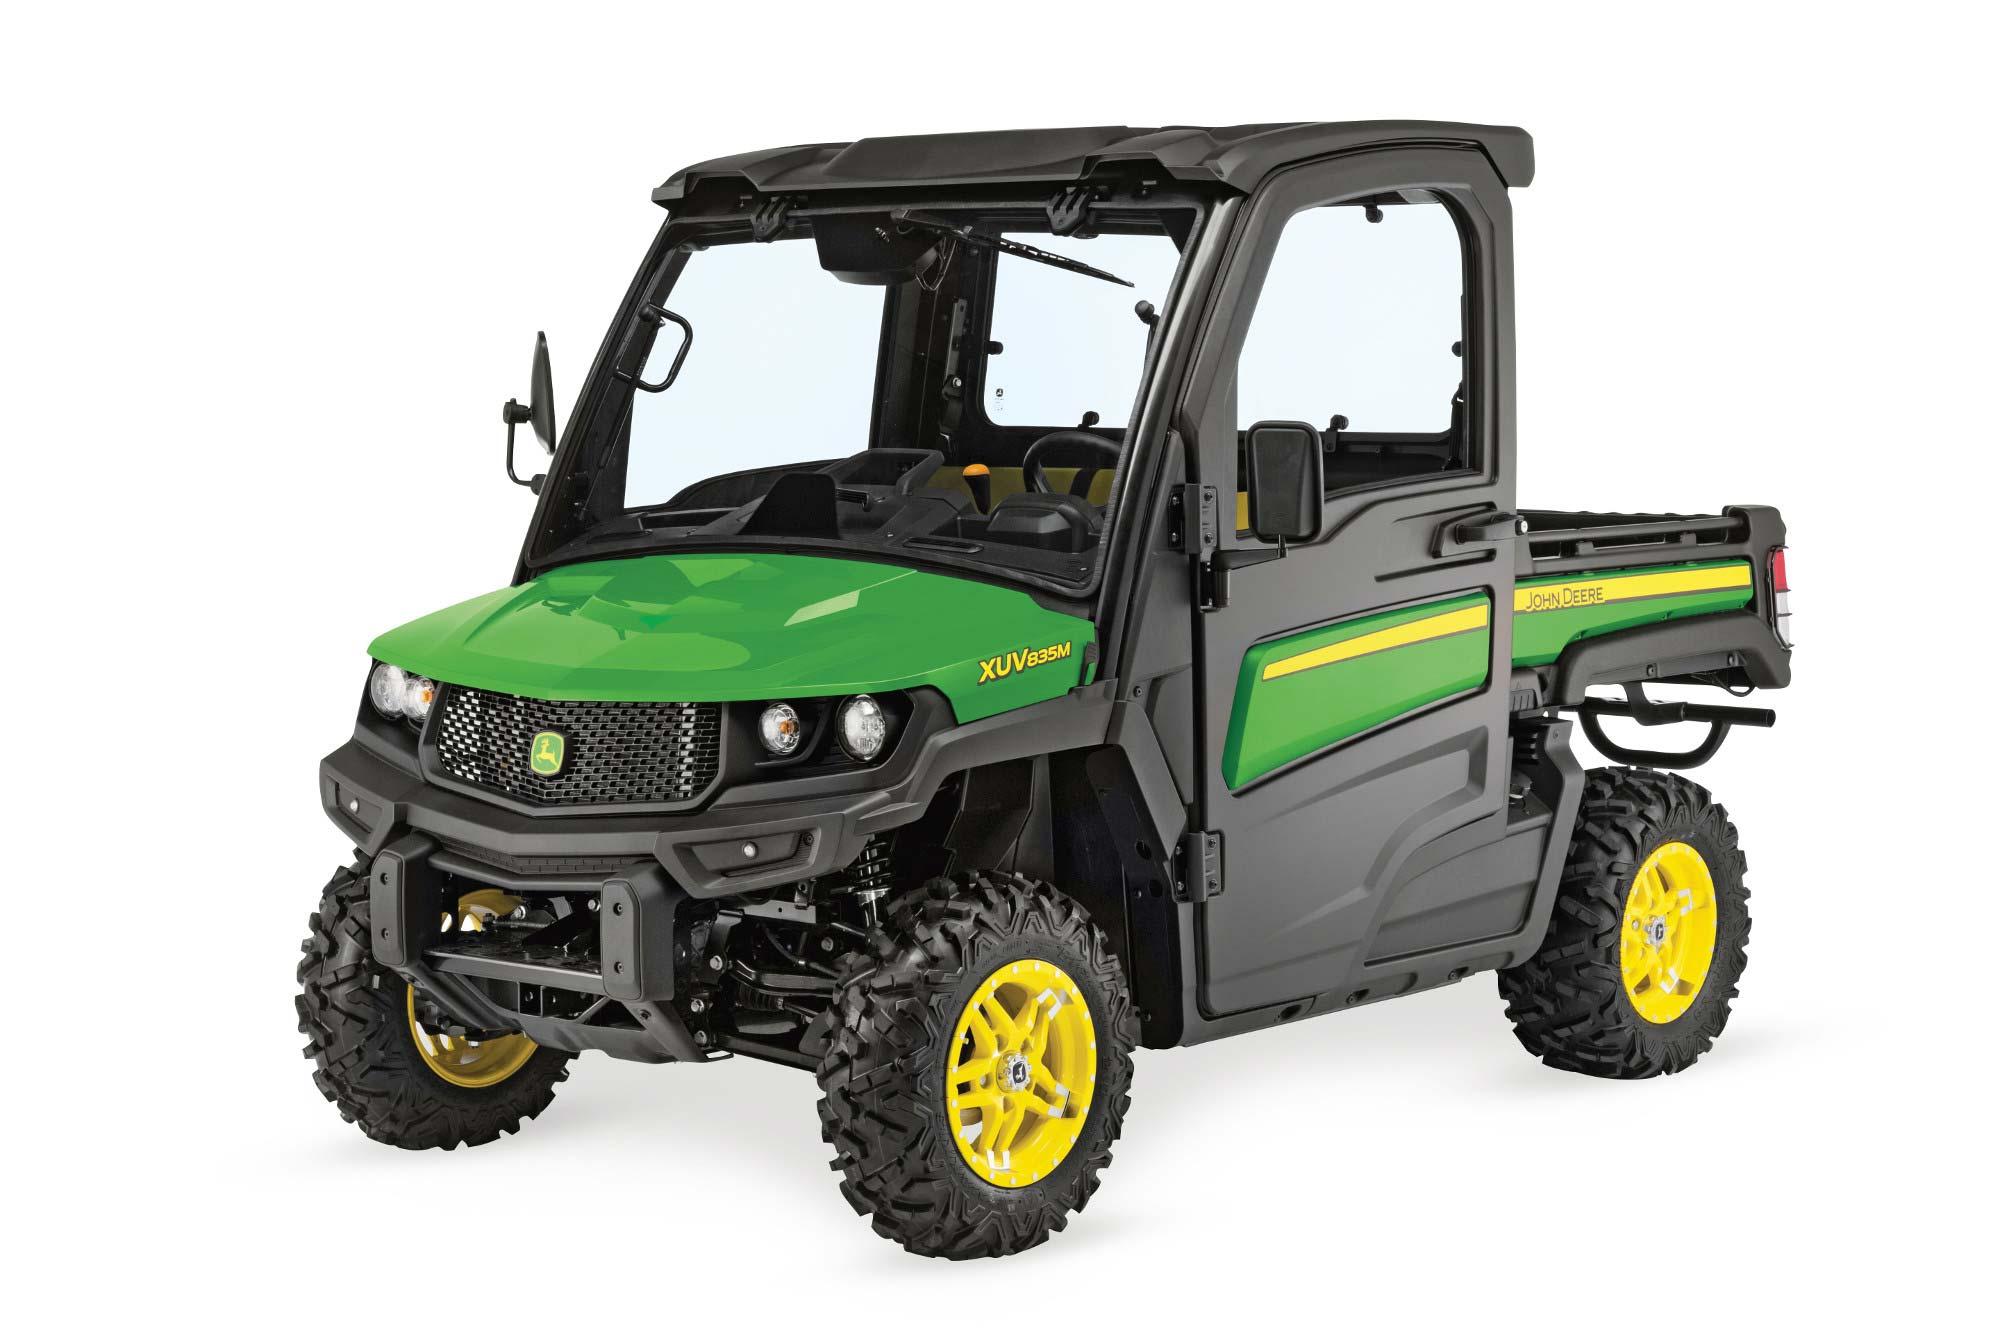 John Deere Gator >> John Deere Gator Xuv835m Powercut